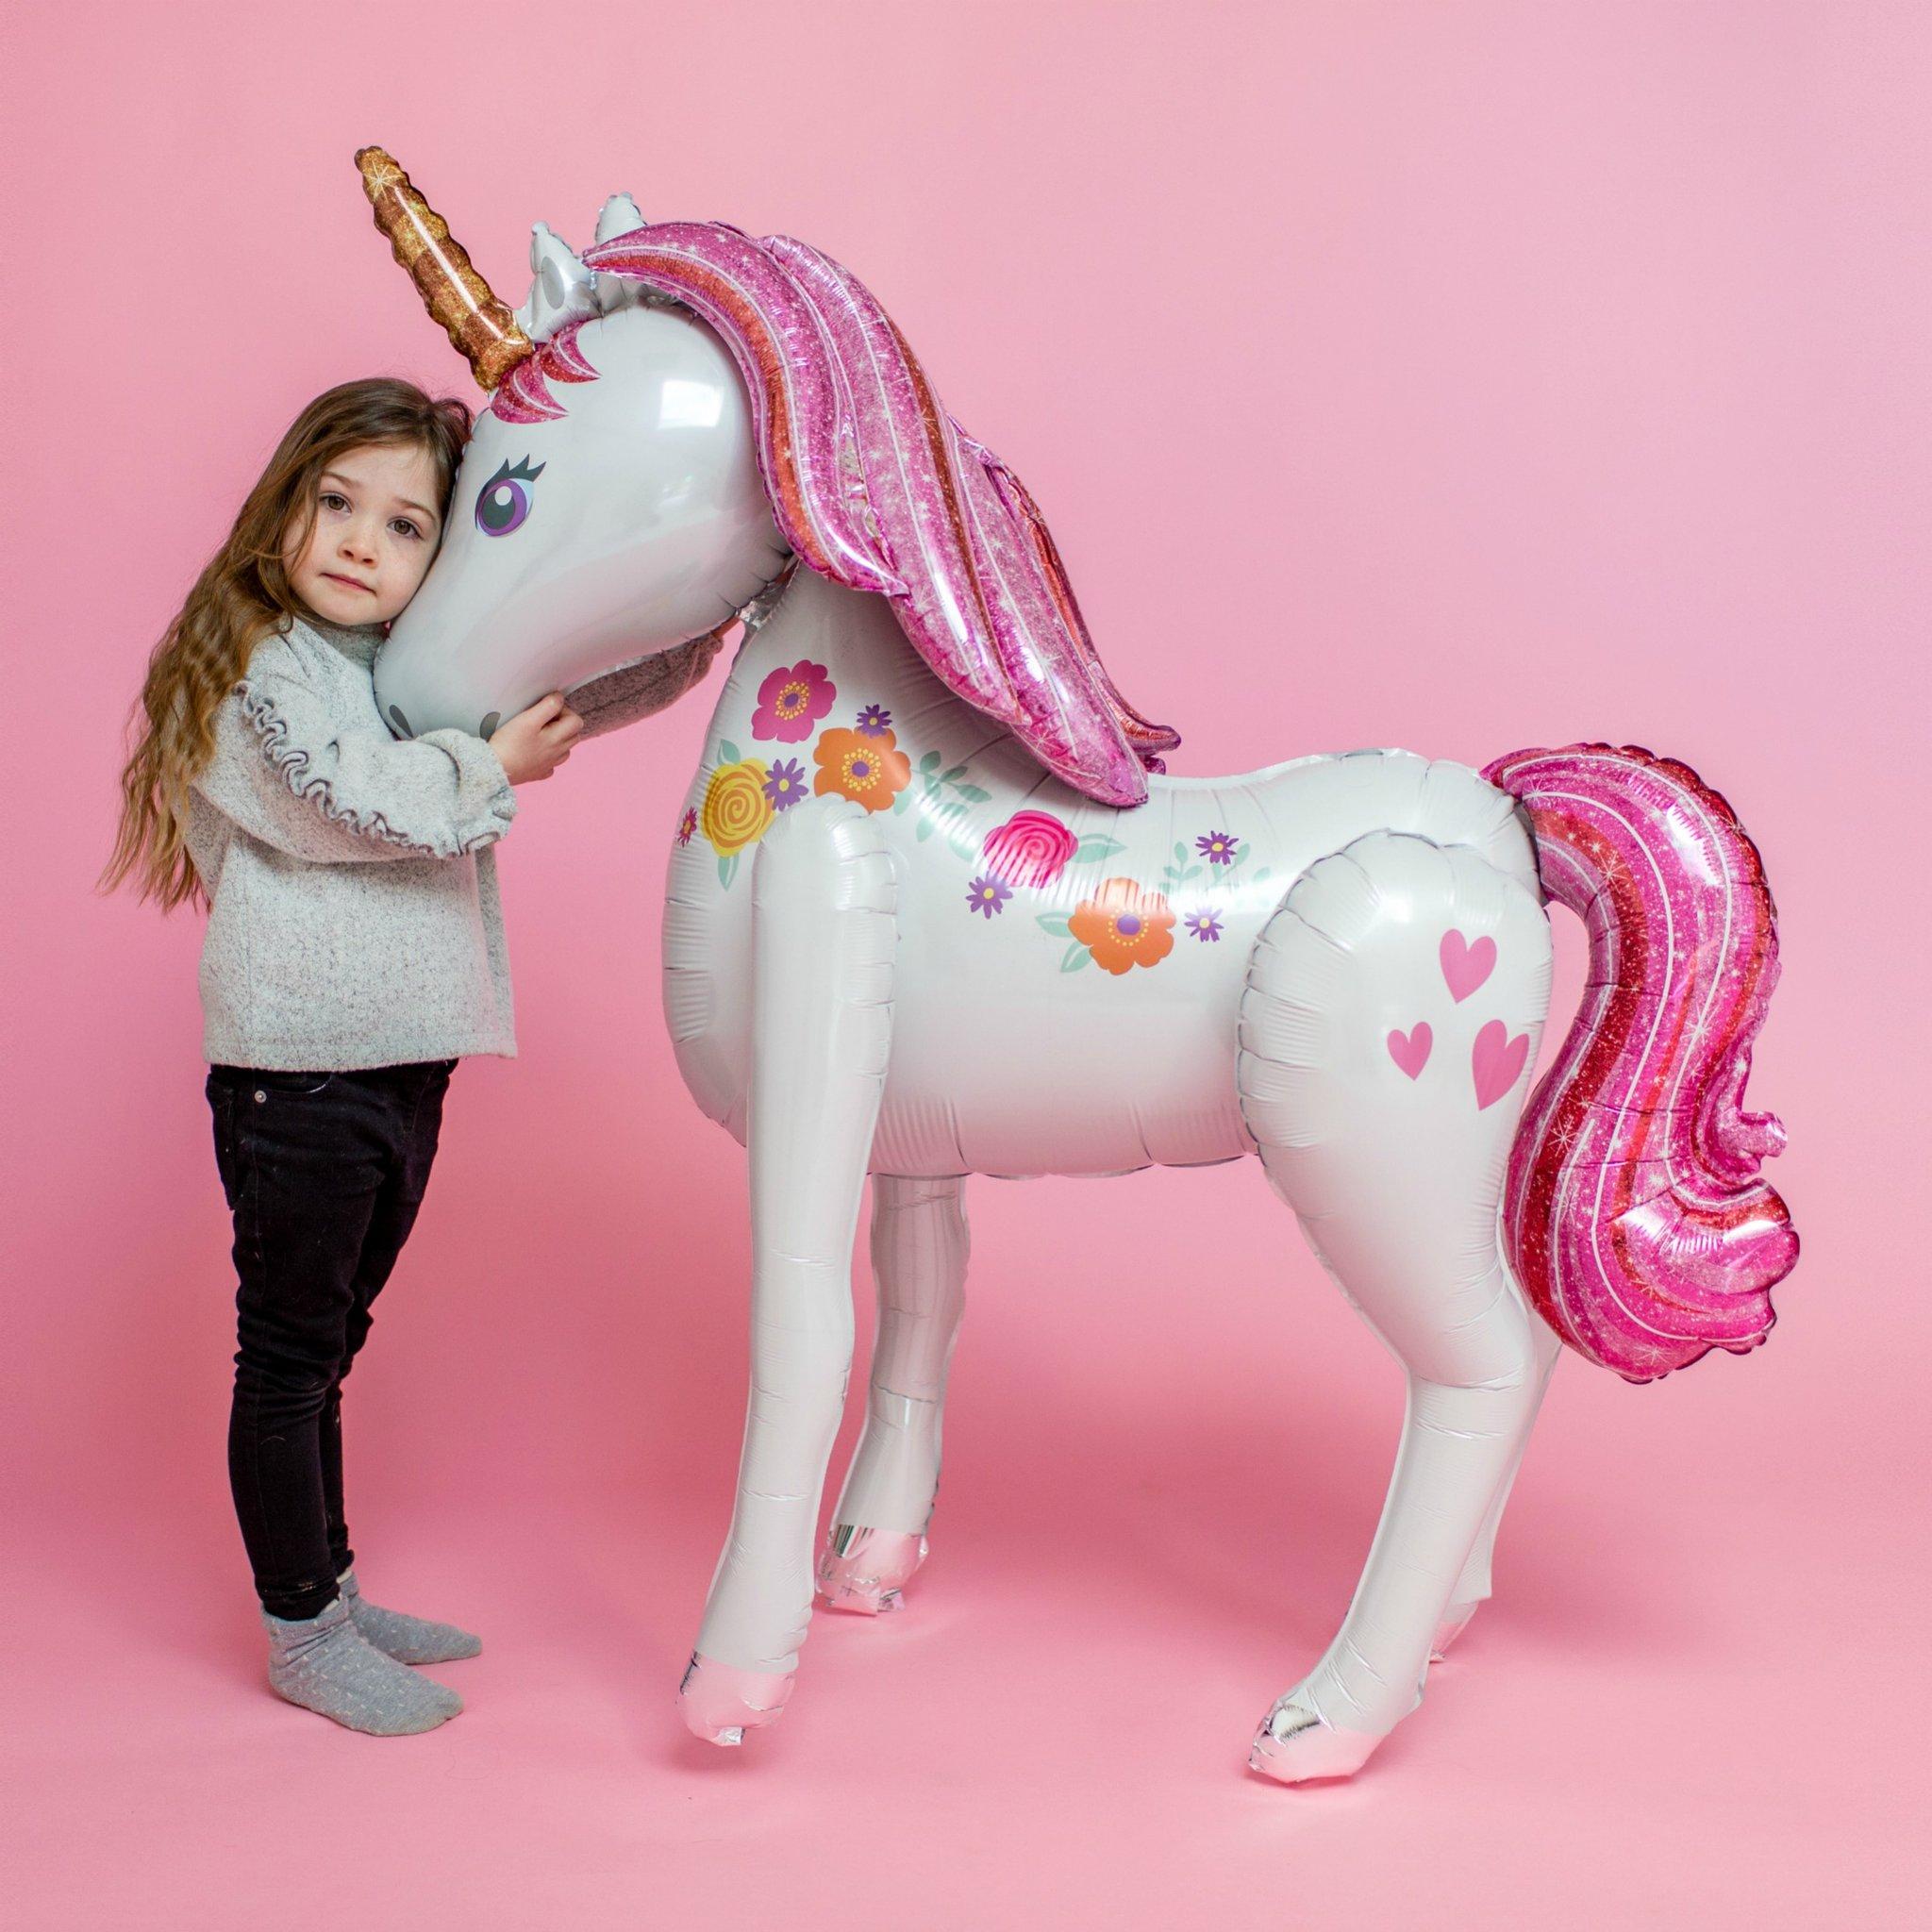 giant-unicorn-balloon-airwalker_2048x